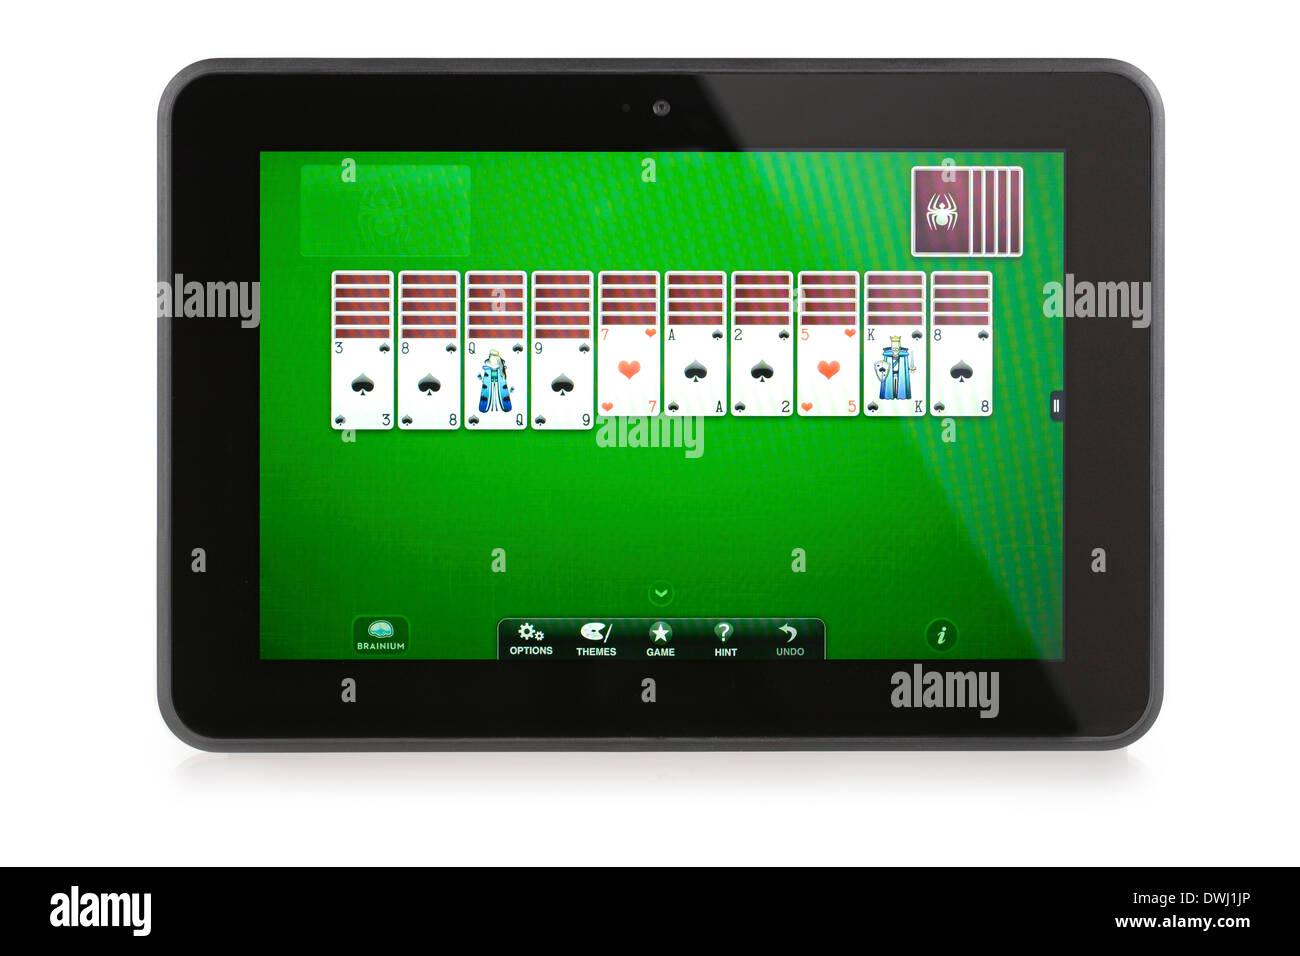 Kindle Fire HD 8.9 con juego de Solitario Spider App instalado y en ejecución Imagen De Stock